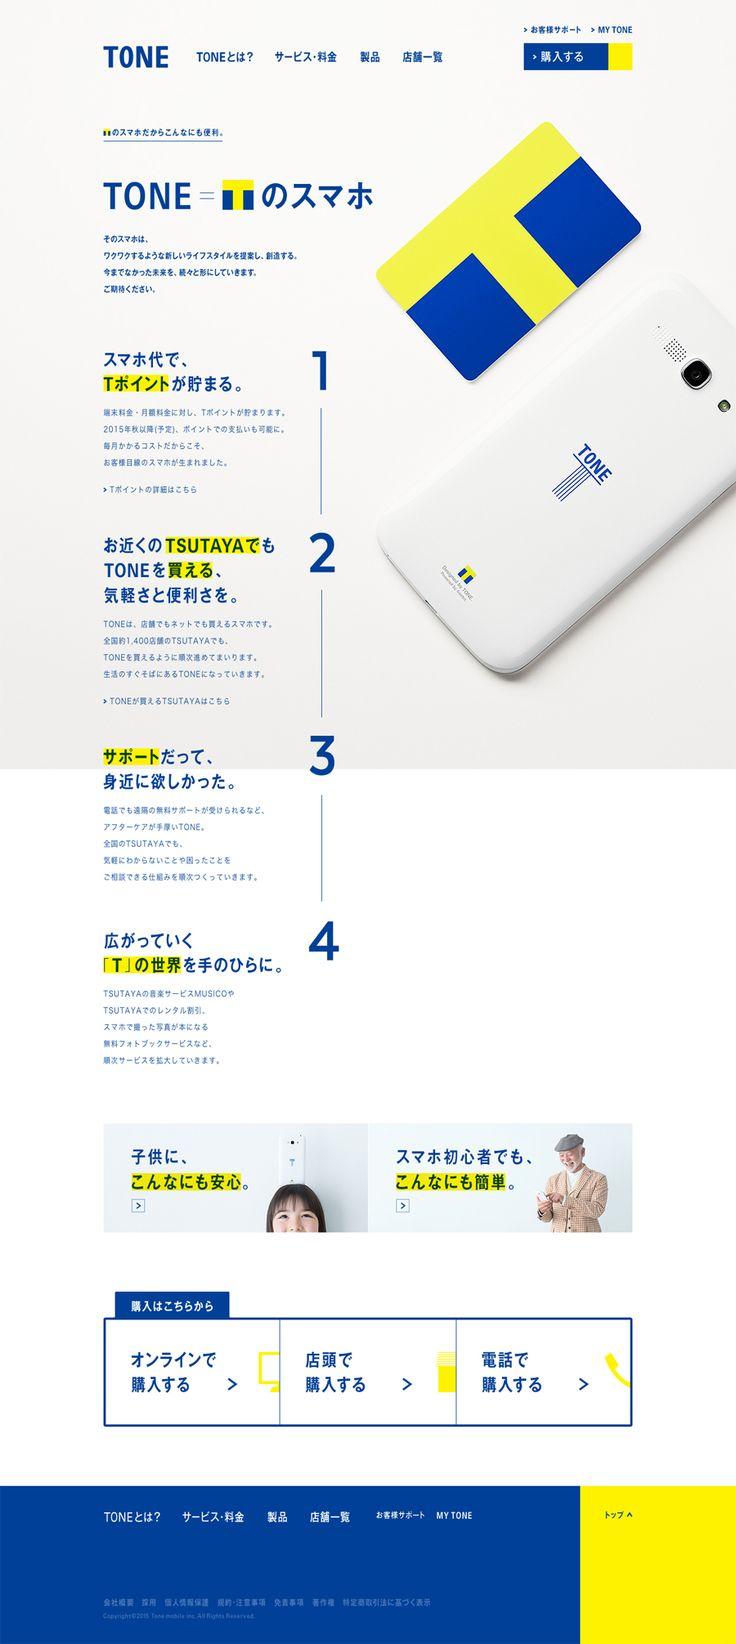 トーンモバイル オフィシャルサイト | FOURDIGIT DESIGN Inc.